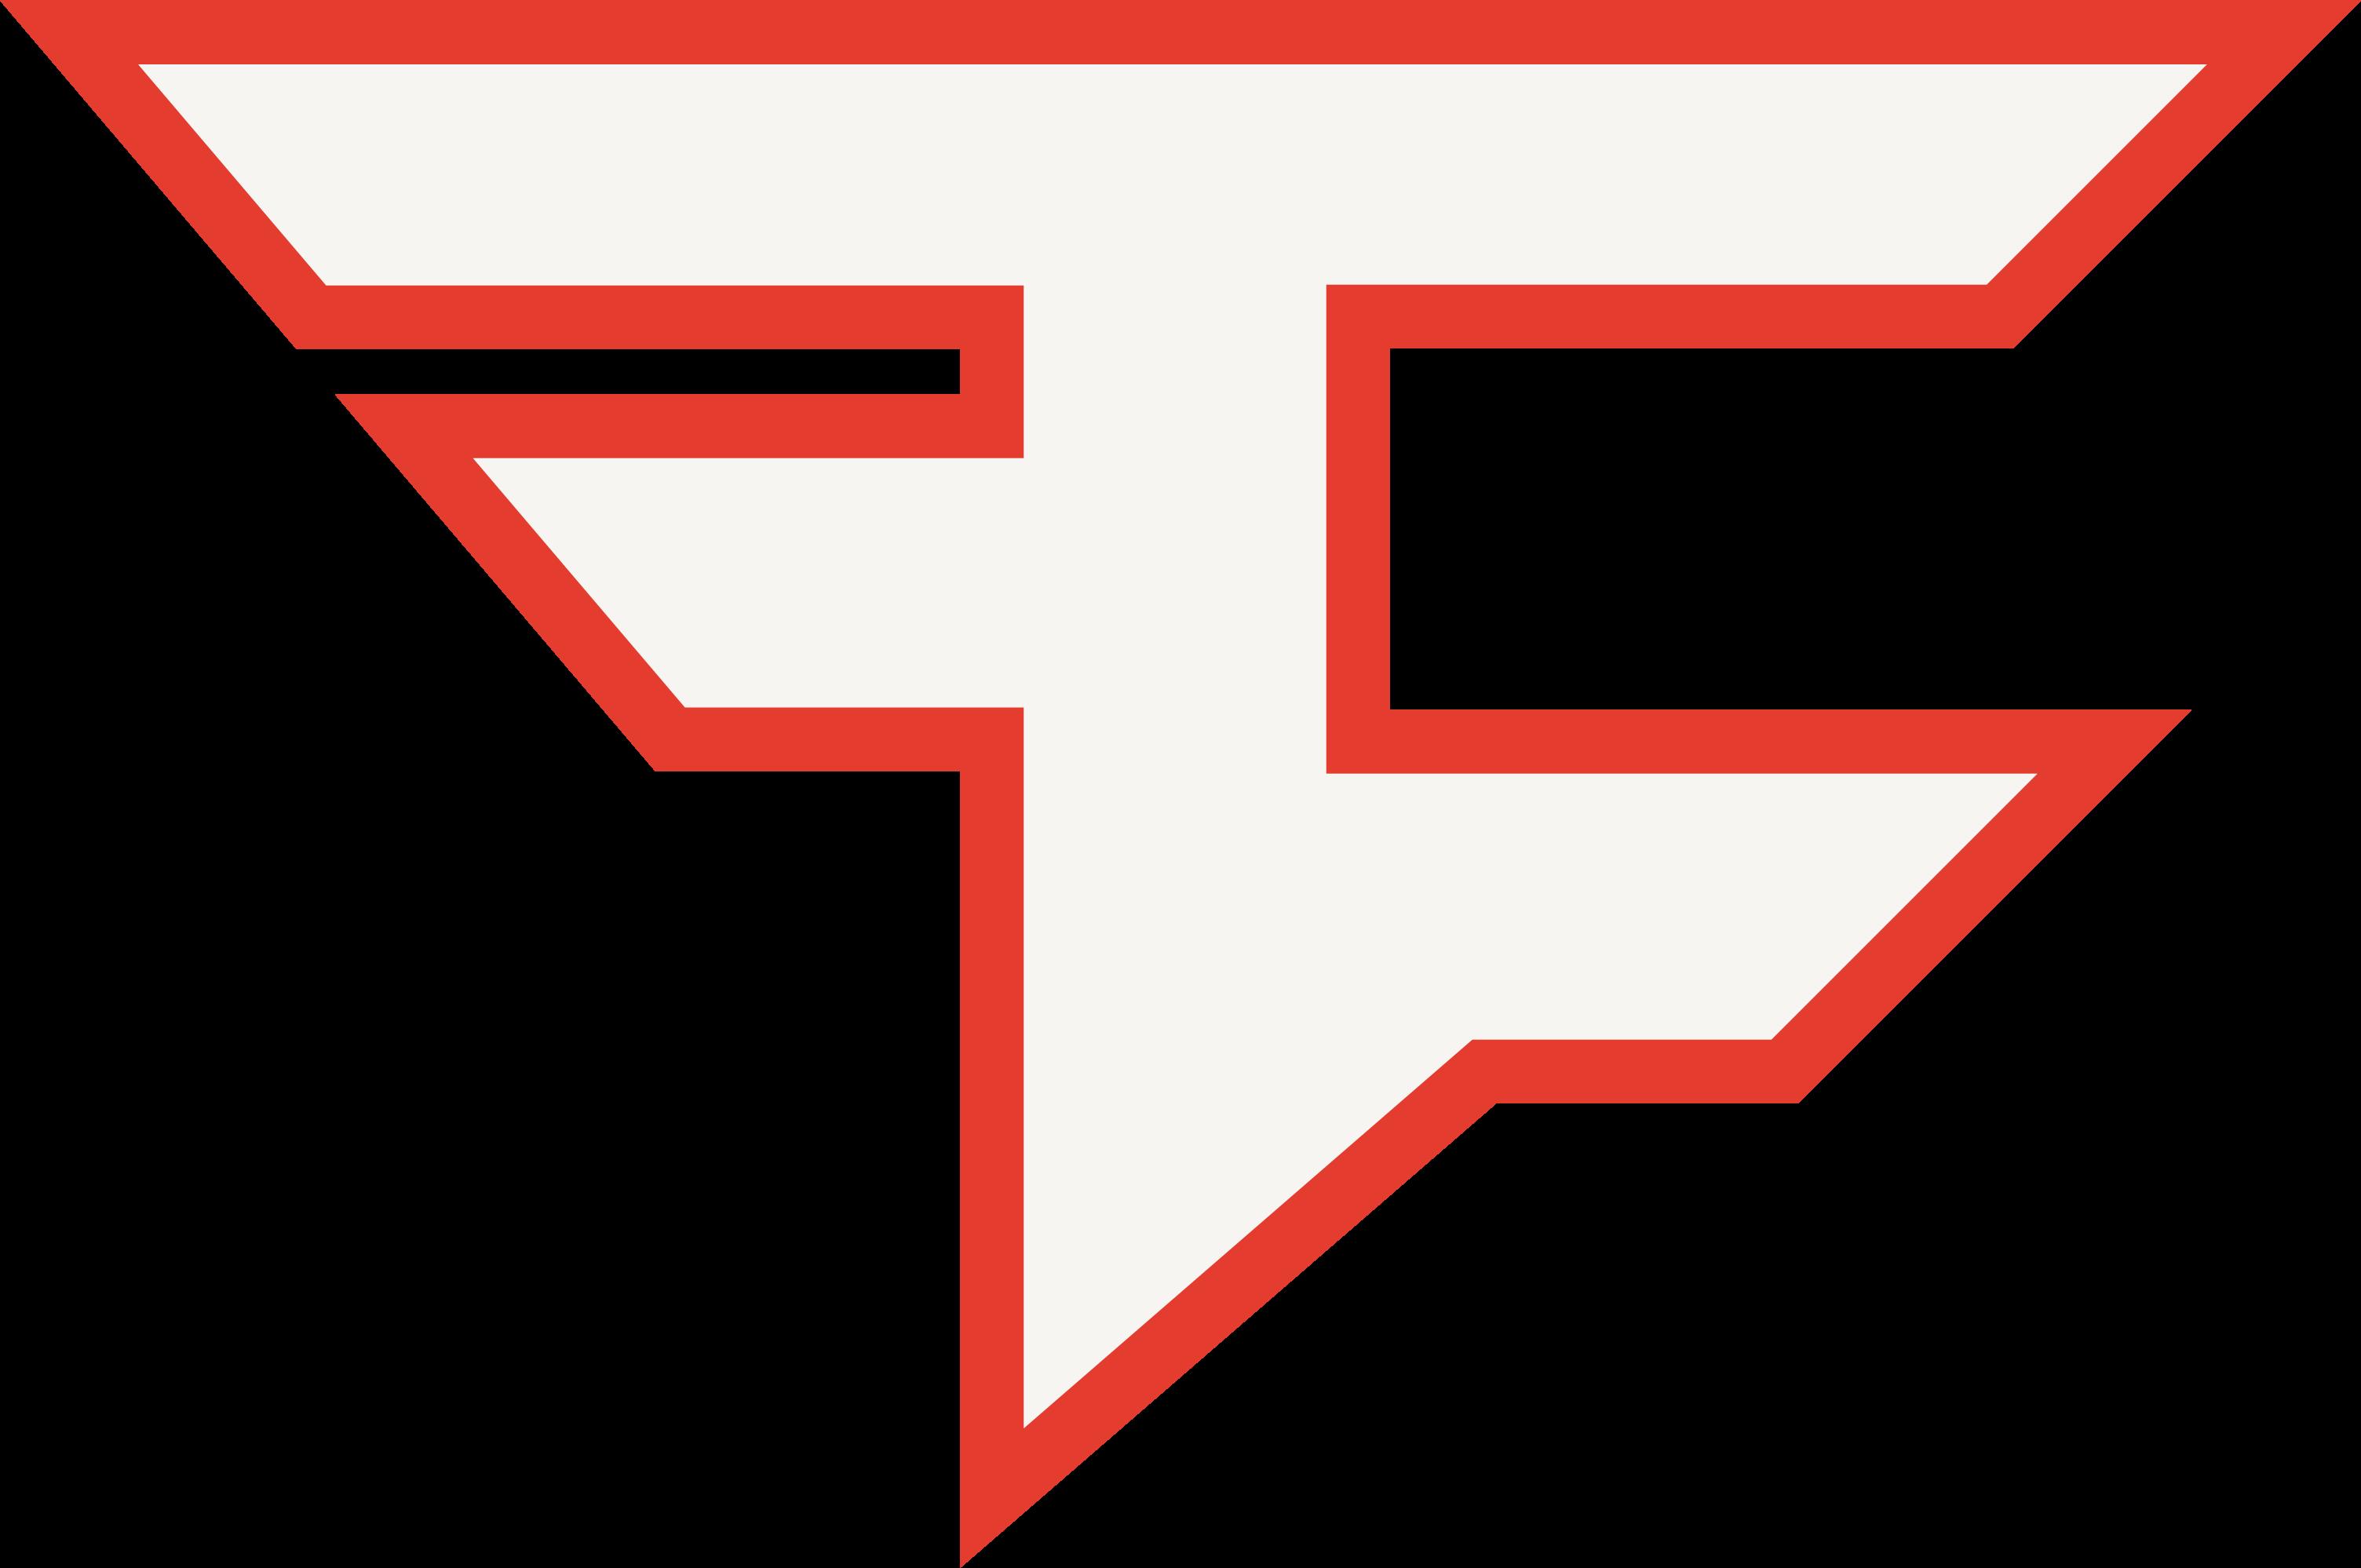 FaZe | CS:GO